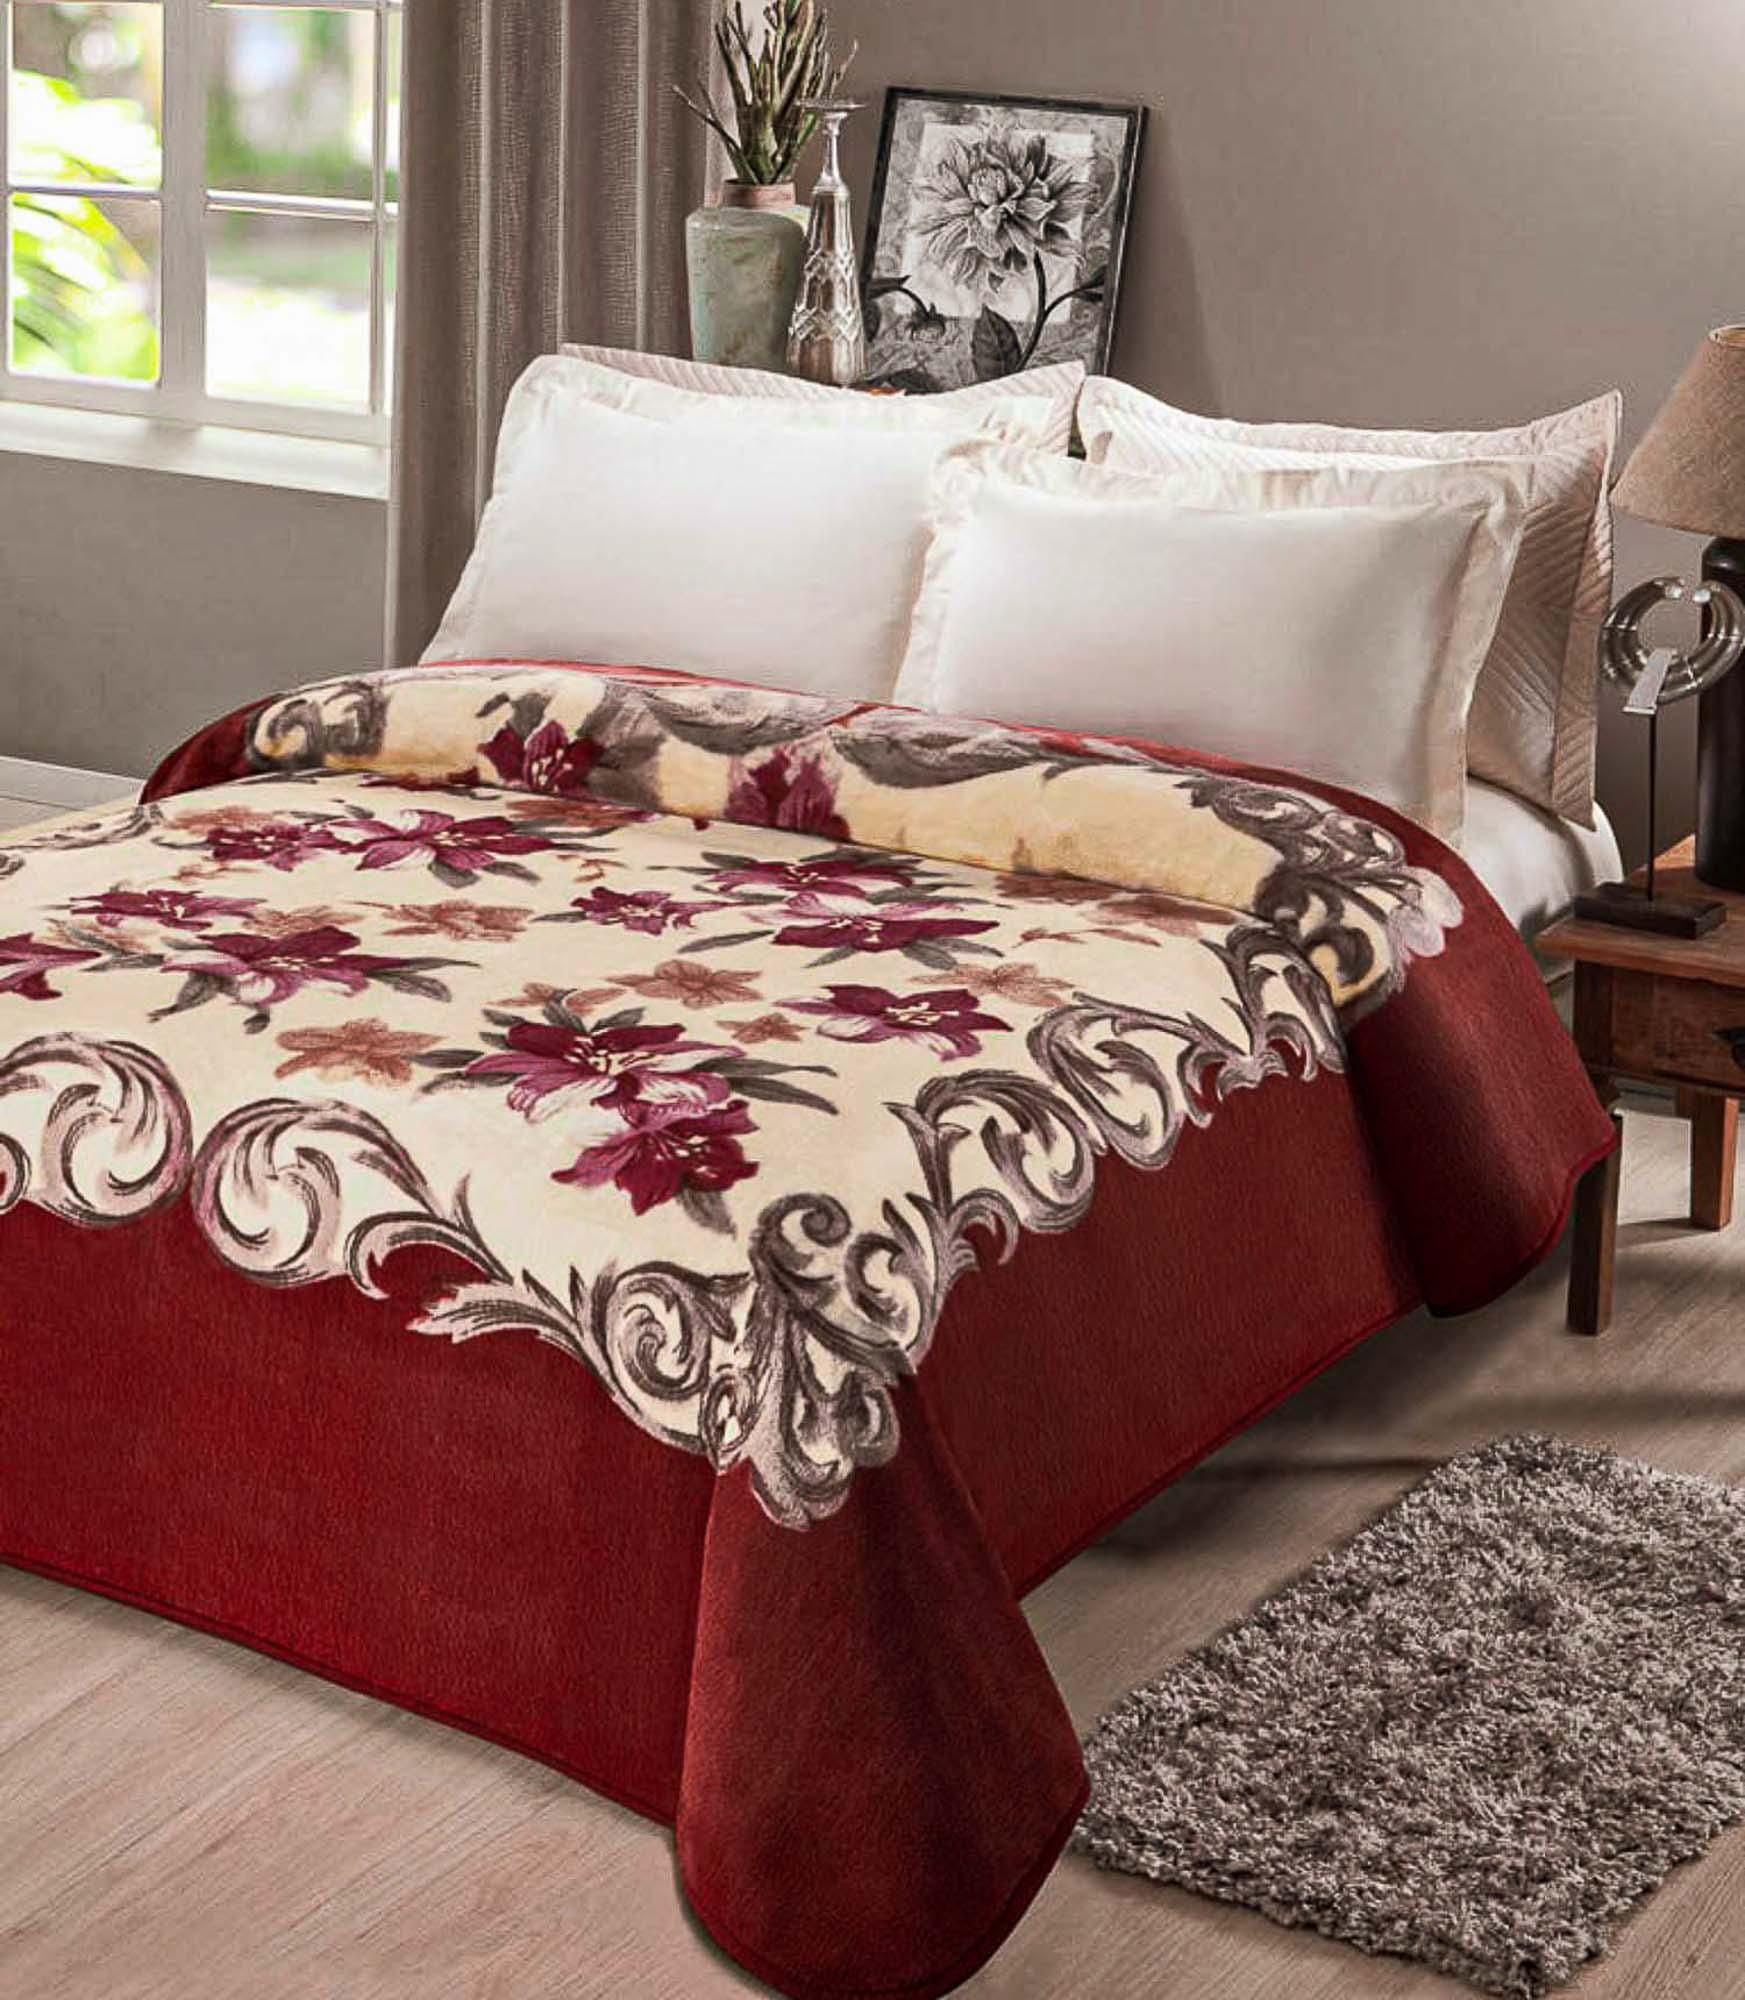 Cobertor Jolitex Kyor Plus King 2,20x2,40m Chamonix